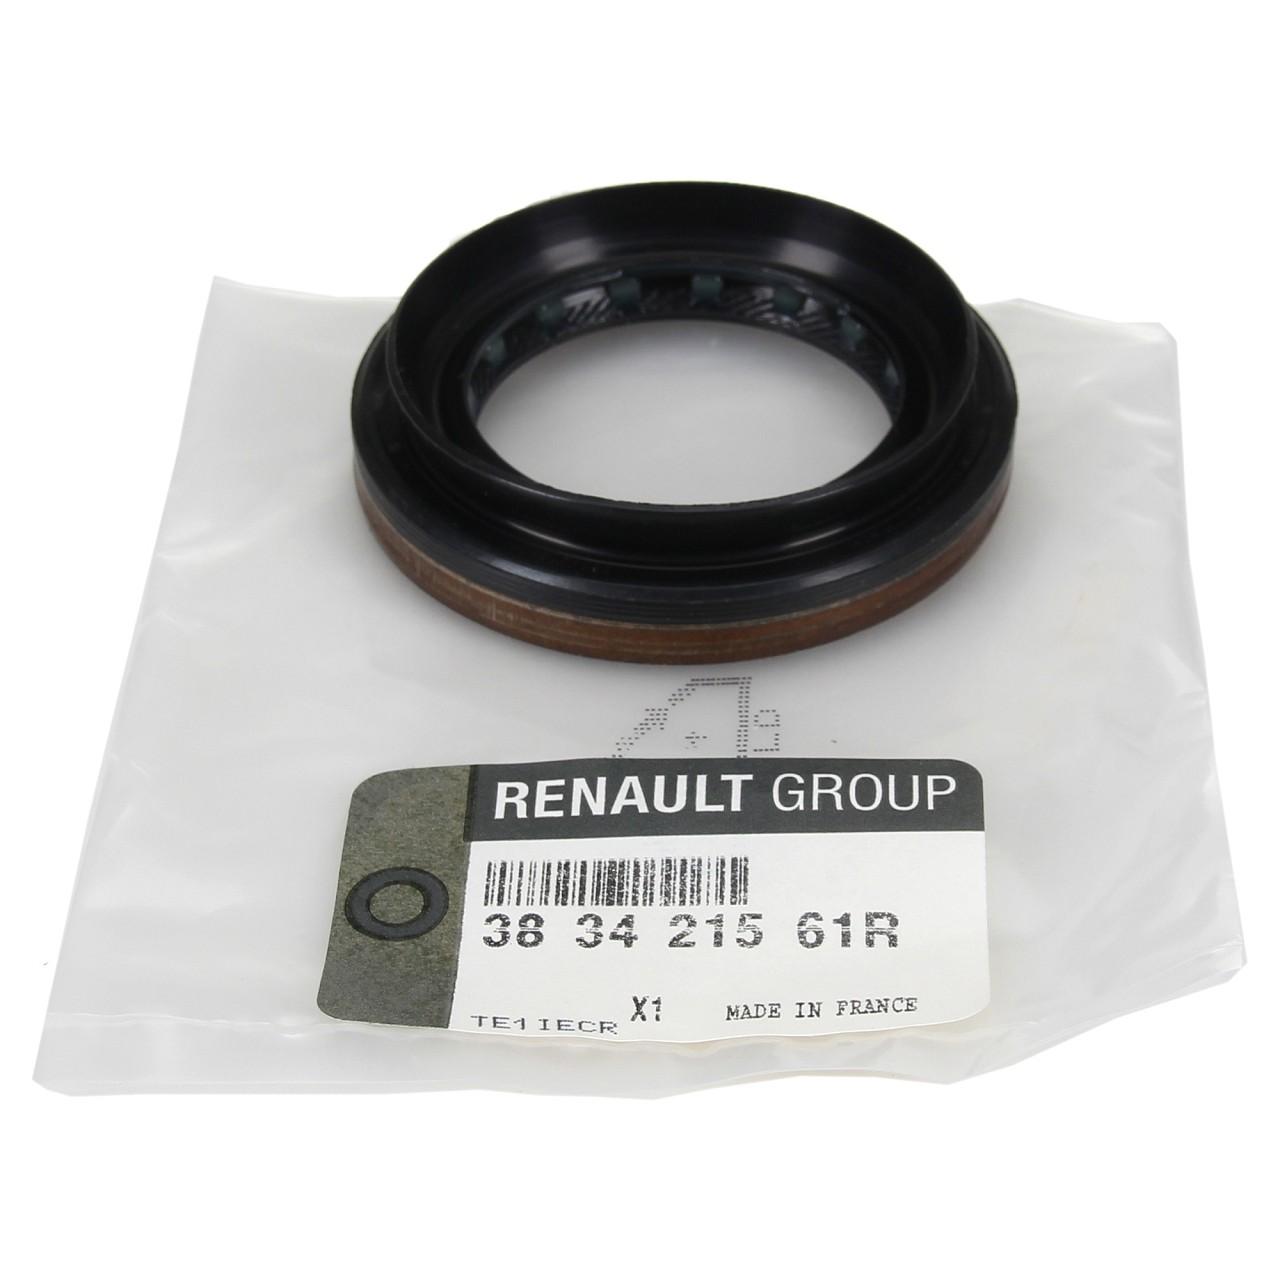 ORIGINAL Renault Wellendichtring Simmering Antriebswelle 38x59x13,7 383421561R